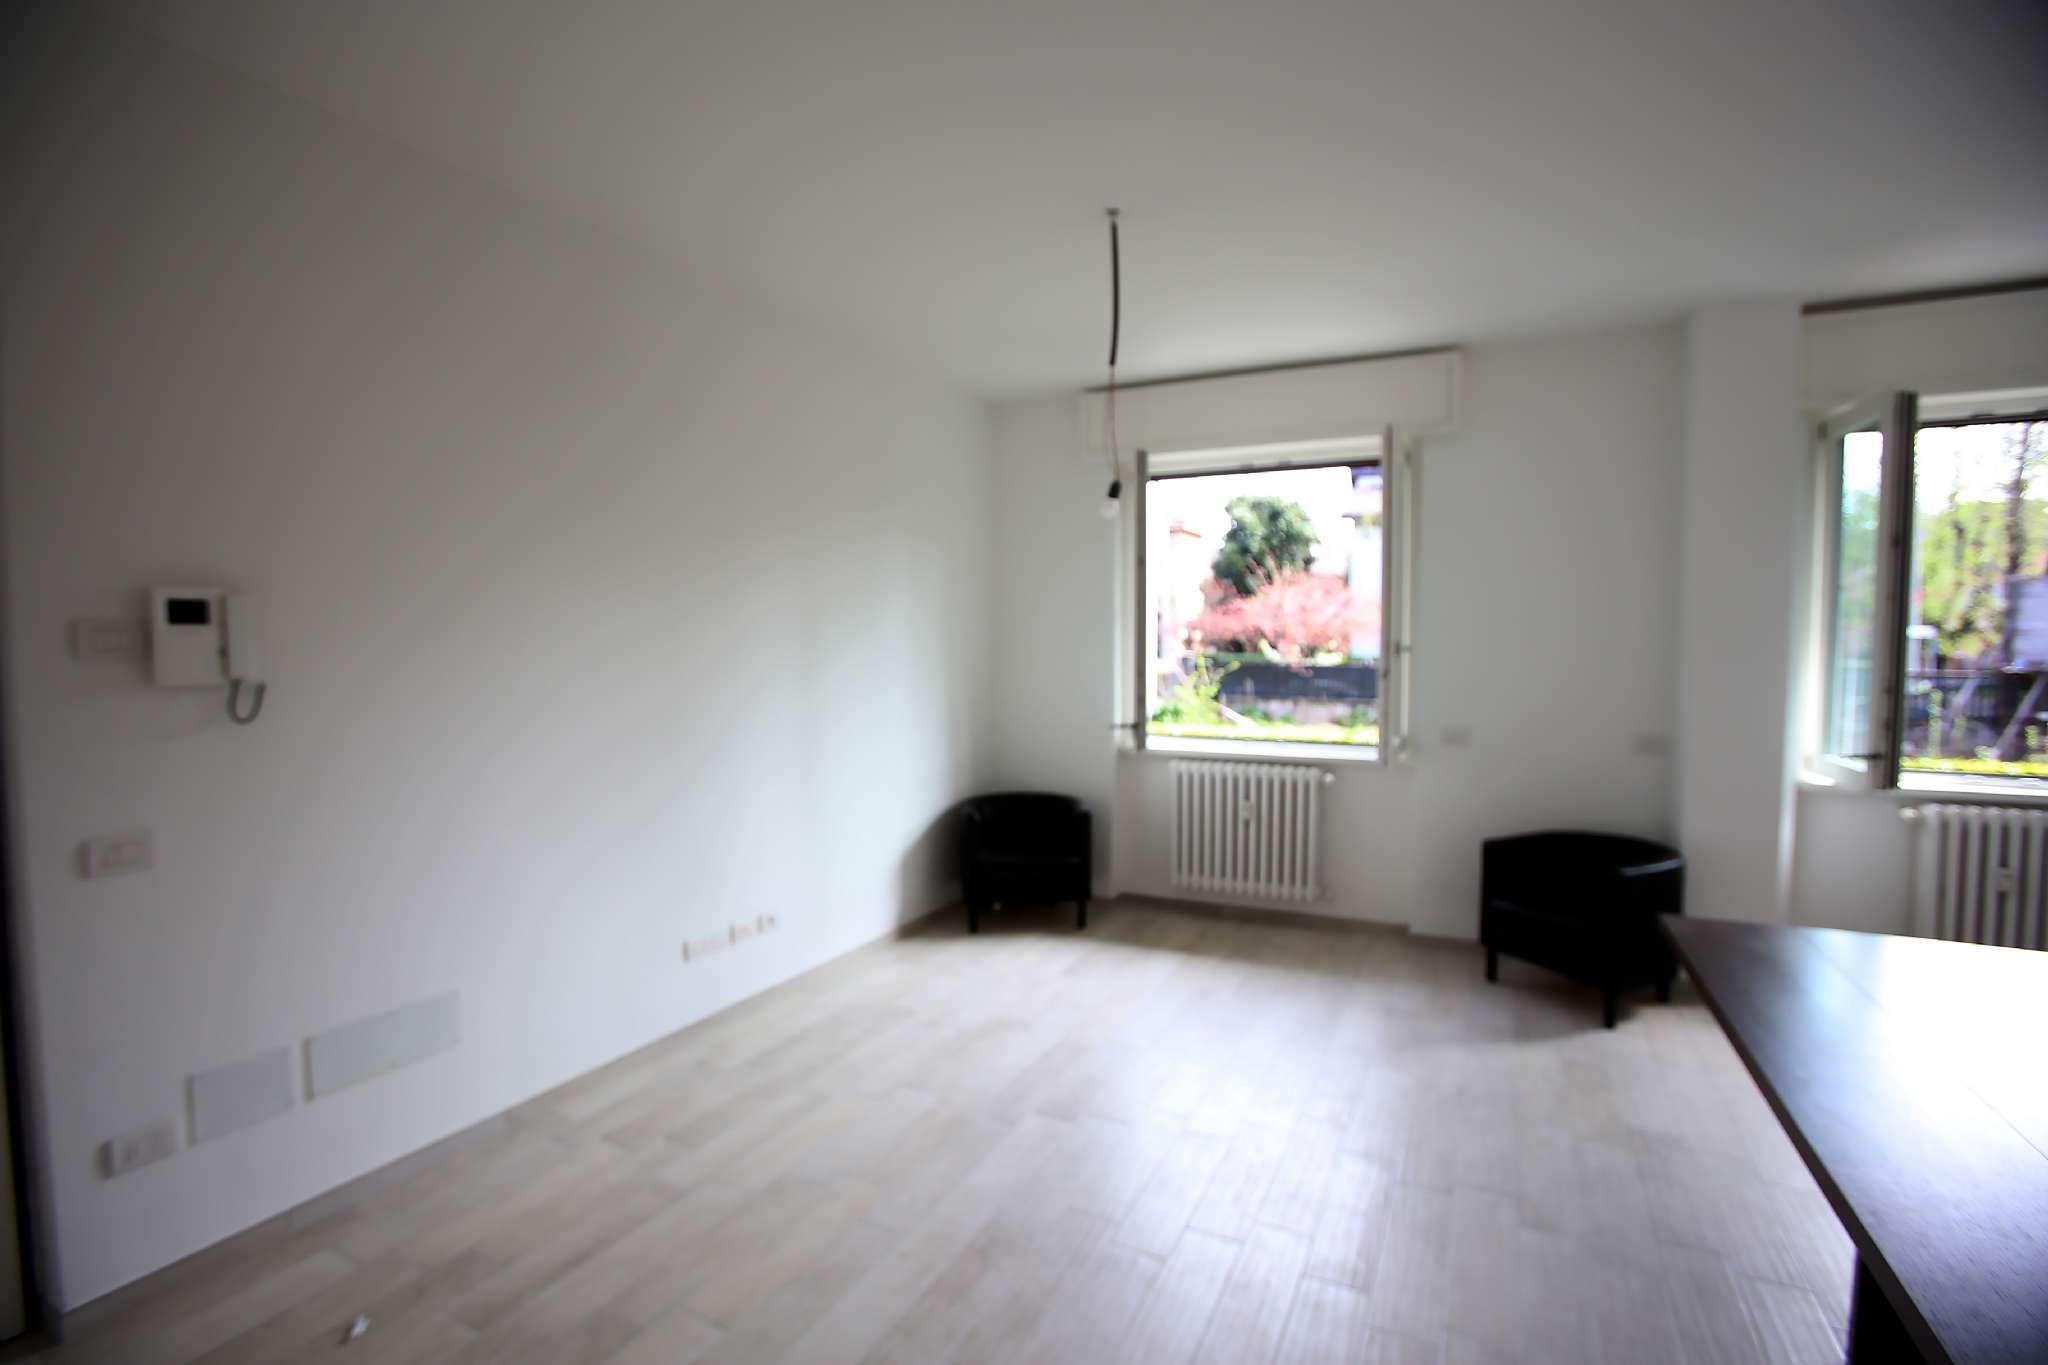 scheda annuncio | immobiliare pierri - Arredo Bagno Cusano Milanino